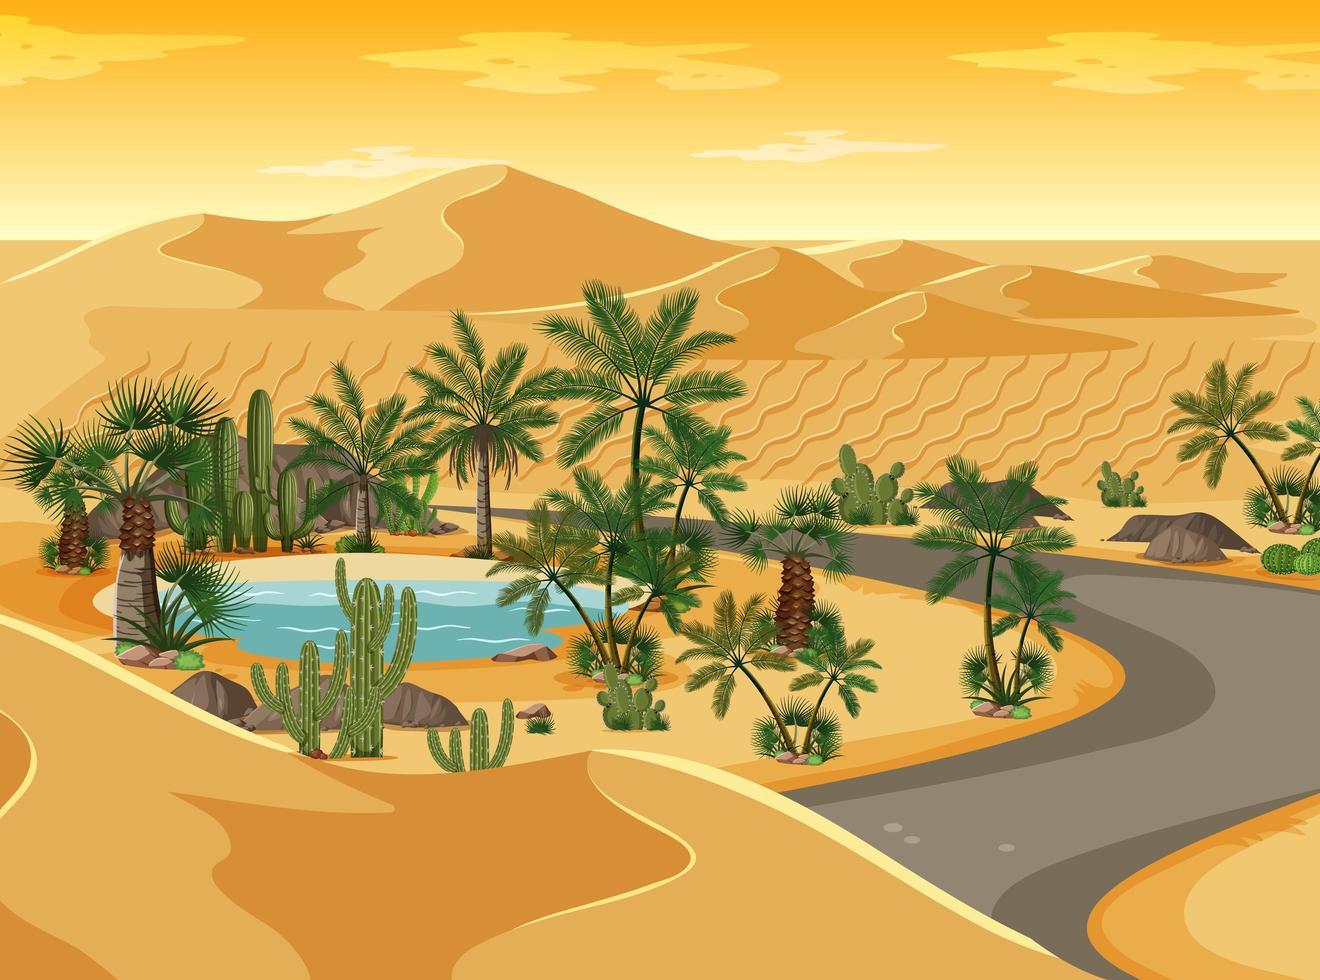 woestijnoase met een lange landschapsscène vector